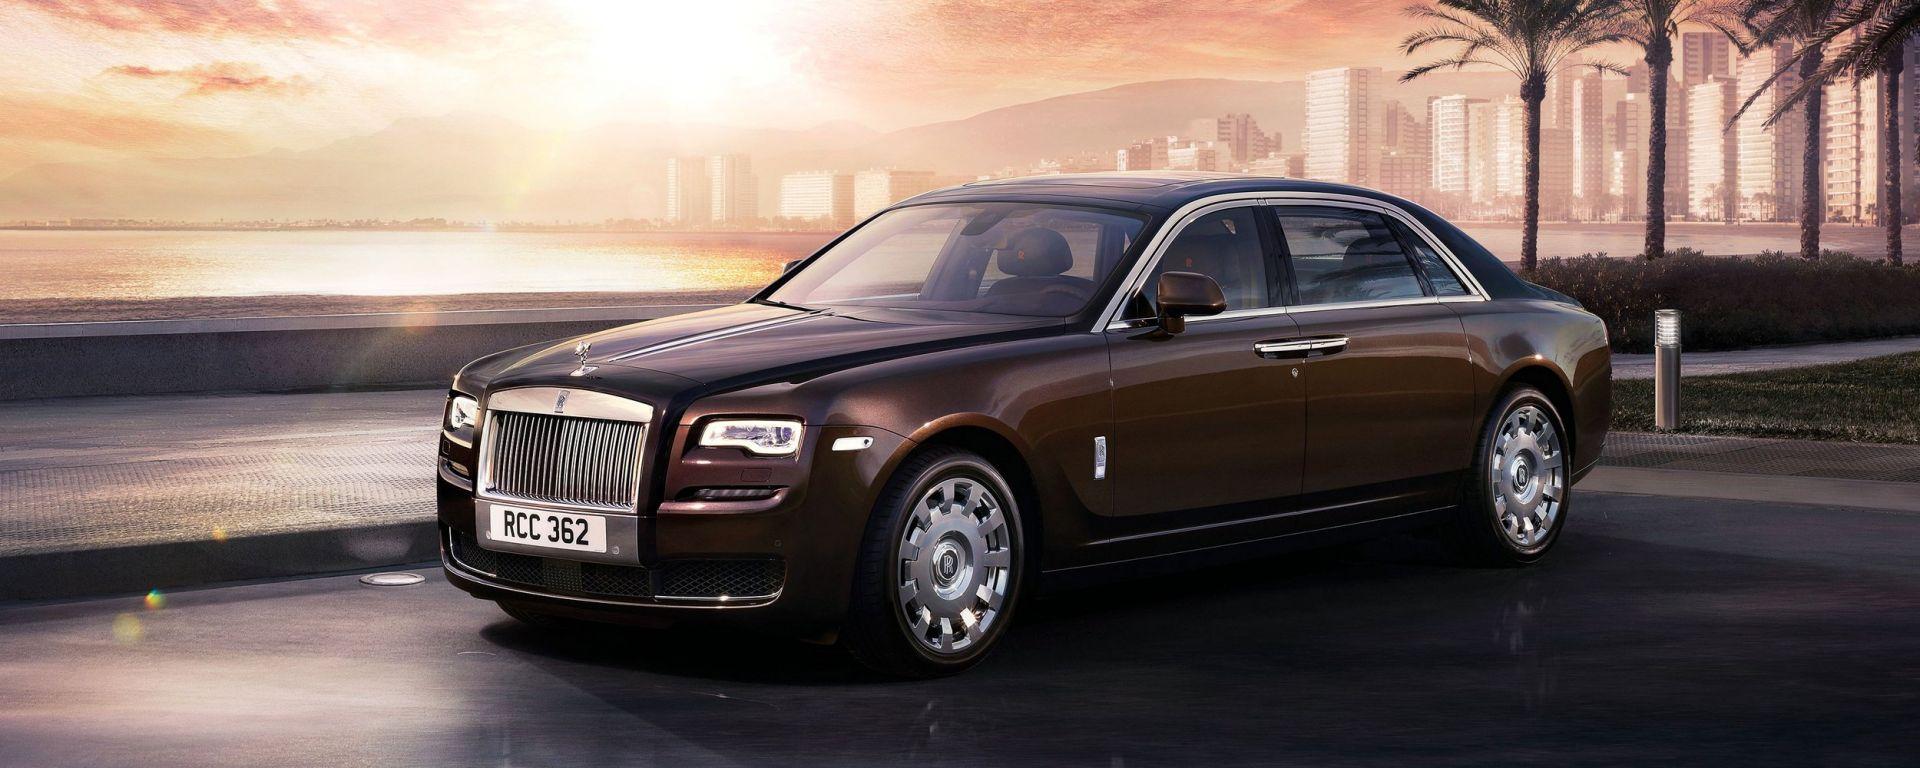 Rolls Royce Ghost Series II, foto e video